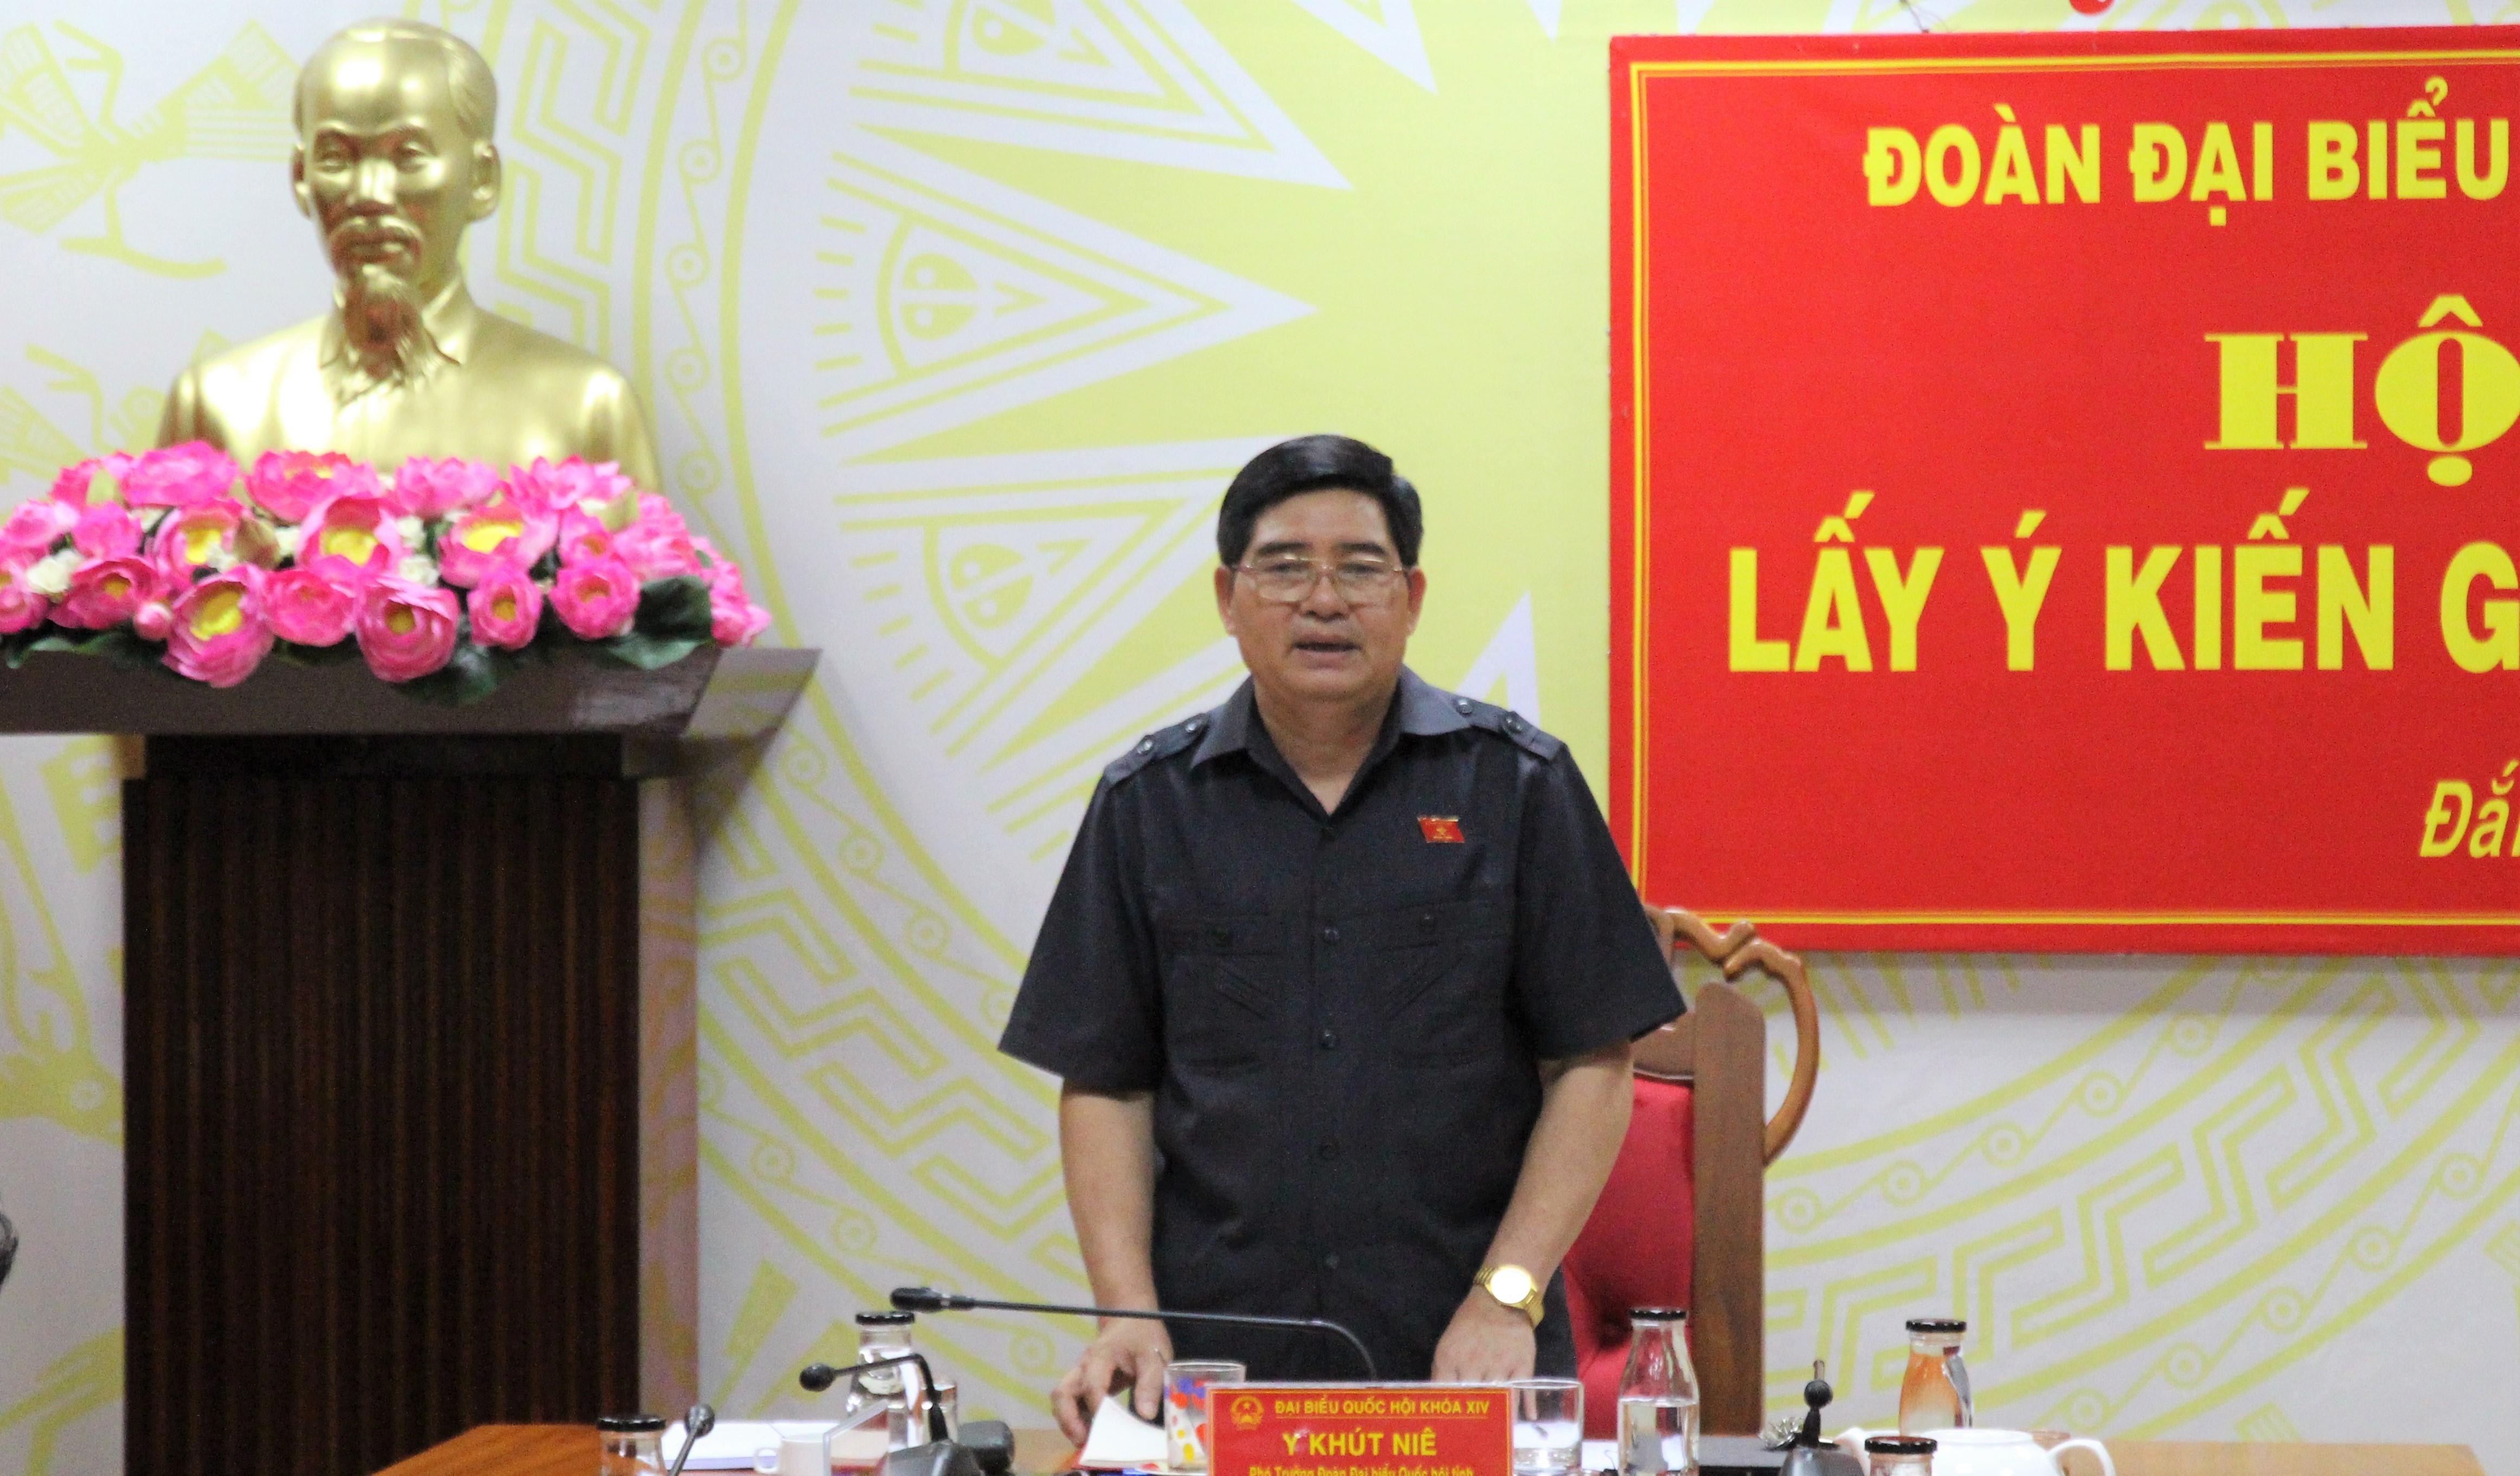 Đoàn Đại biểu Quốc hội tỉnh Đắk Lắk lấy ý kiến góp ý dự thảo Luật